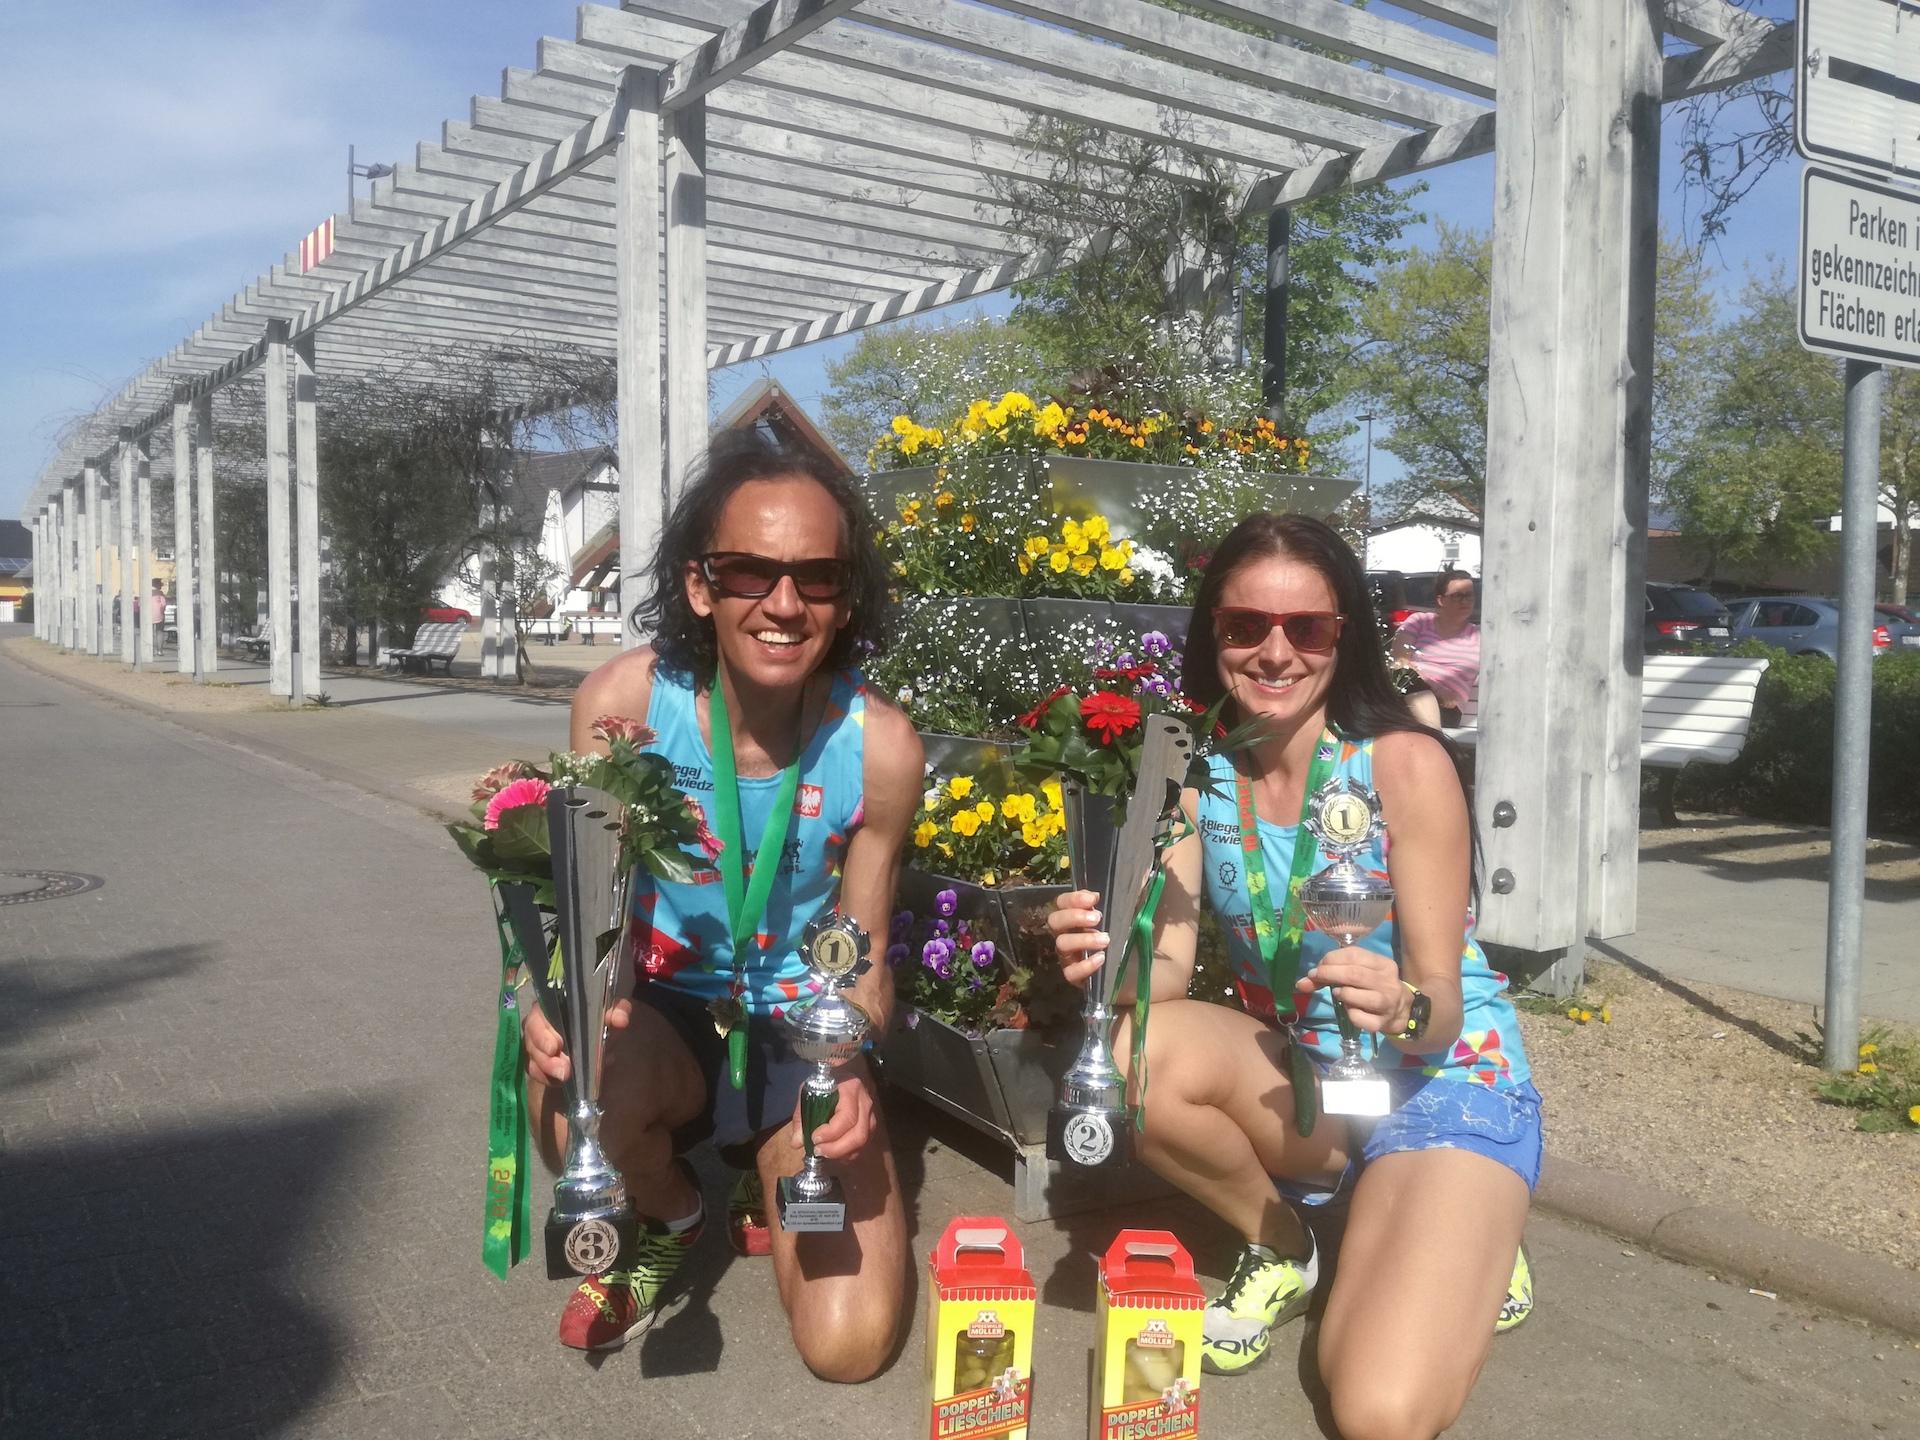 garmin fenix 5 maraton